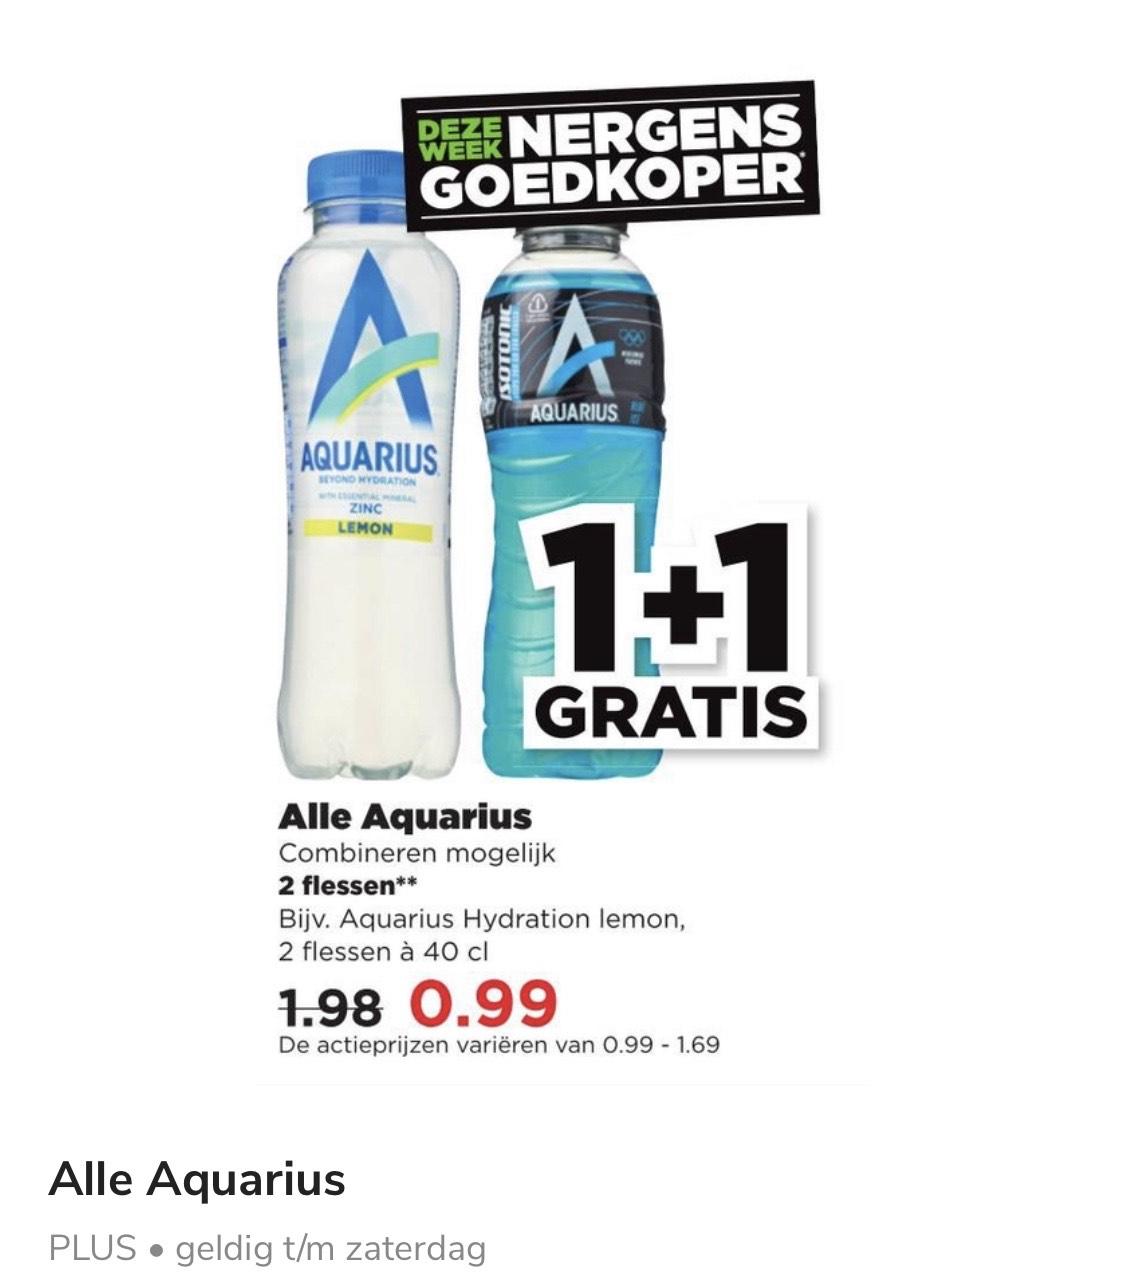 Alle Aquarius 1+1 gratis